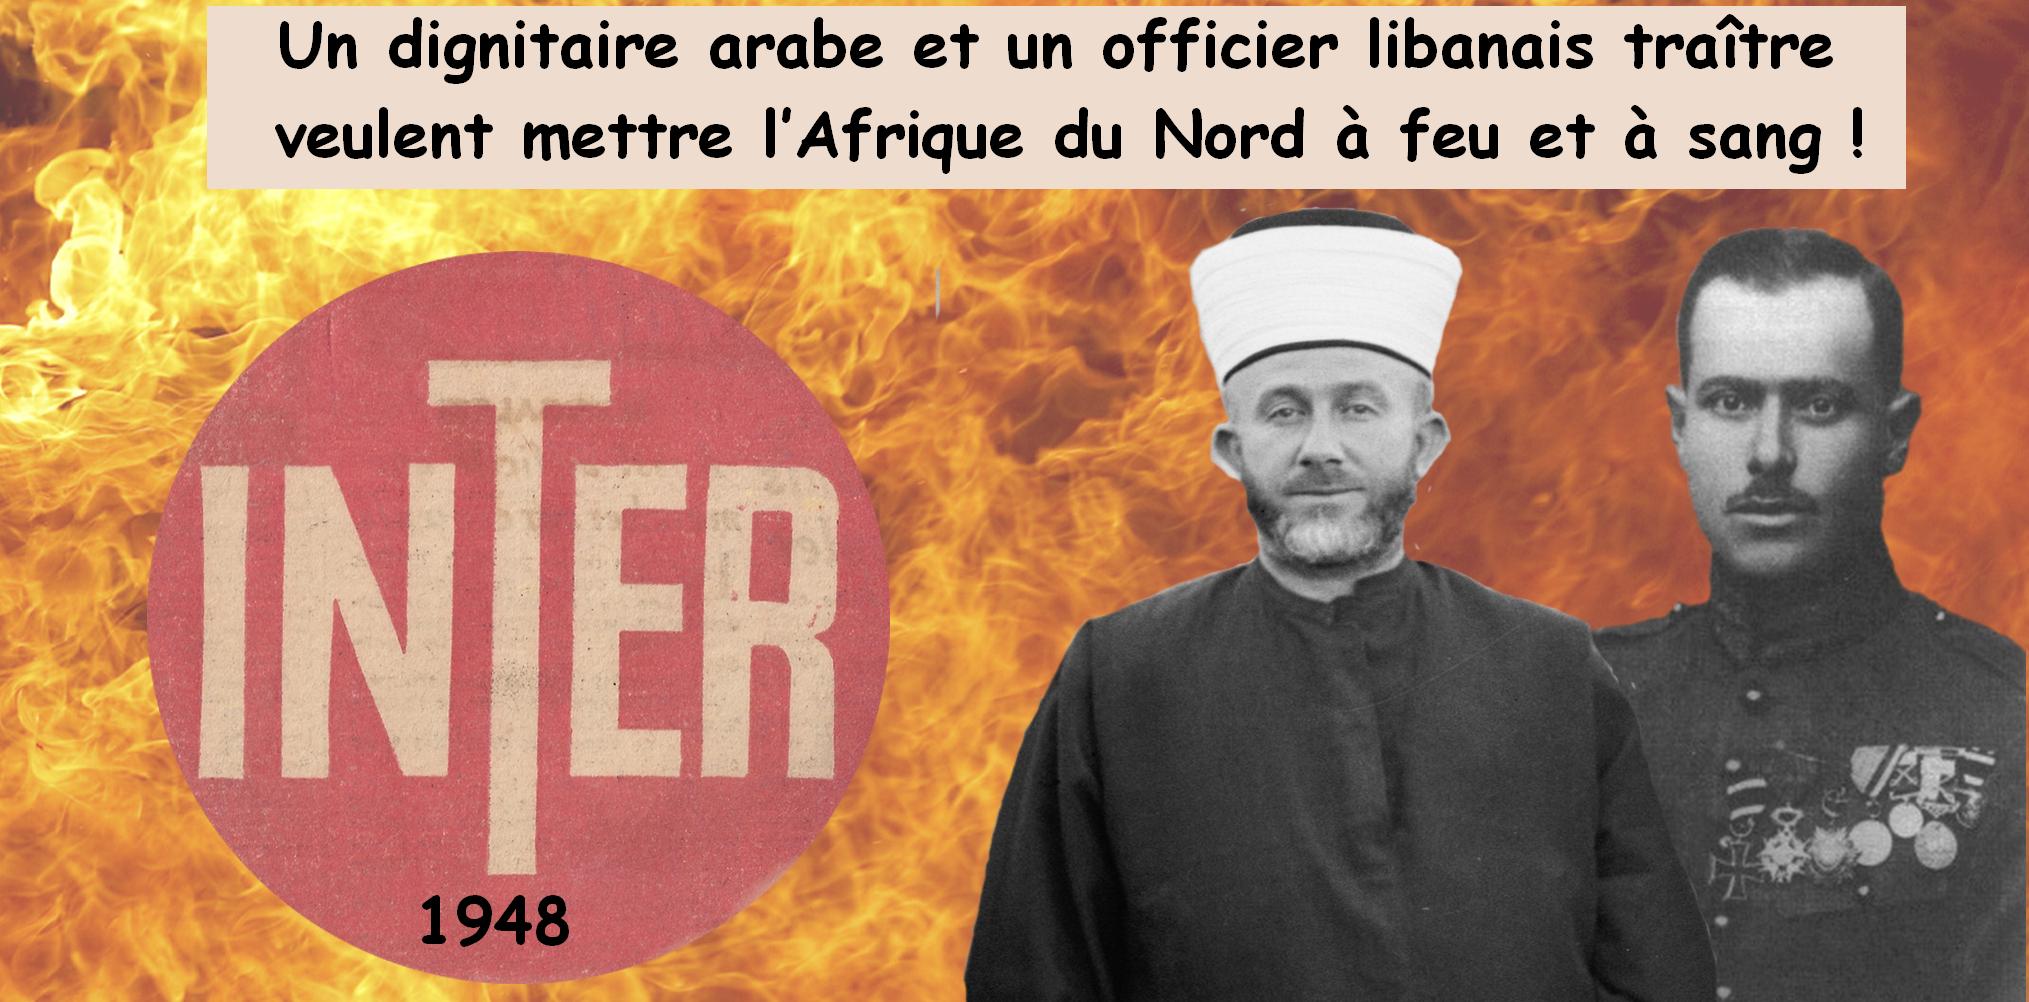 1948 : le plan d'Al Husseini contre la France en Afrique du Nord